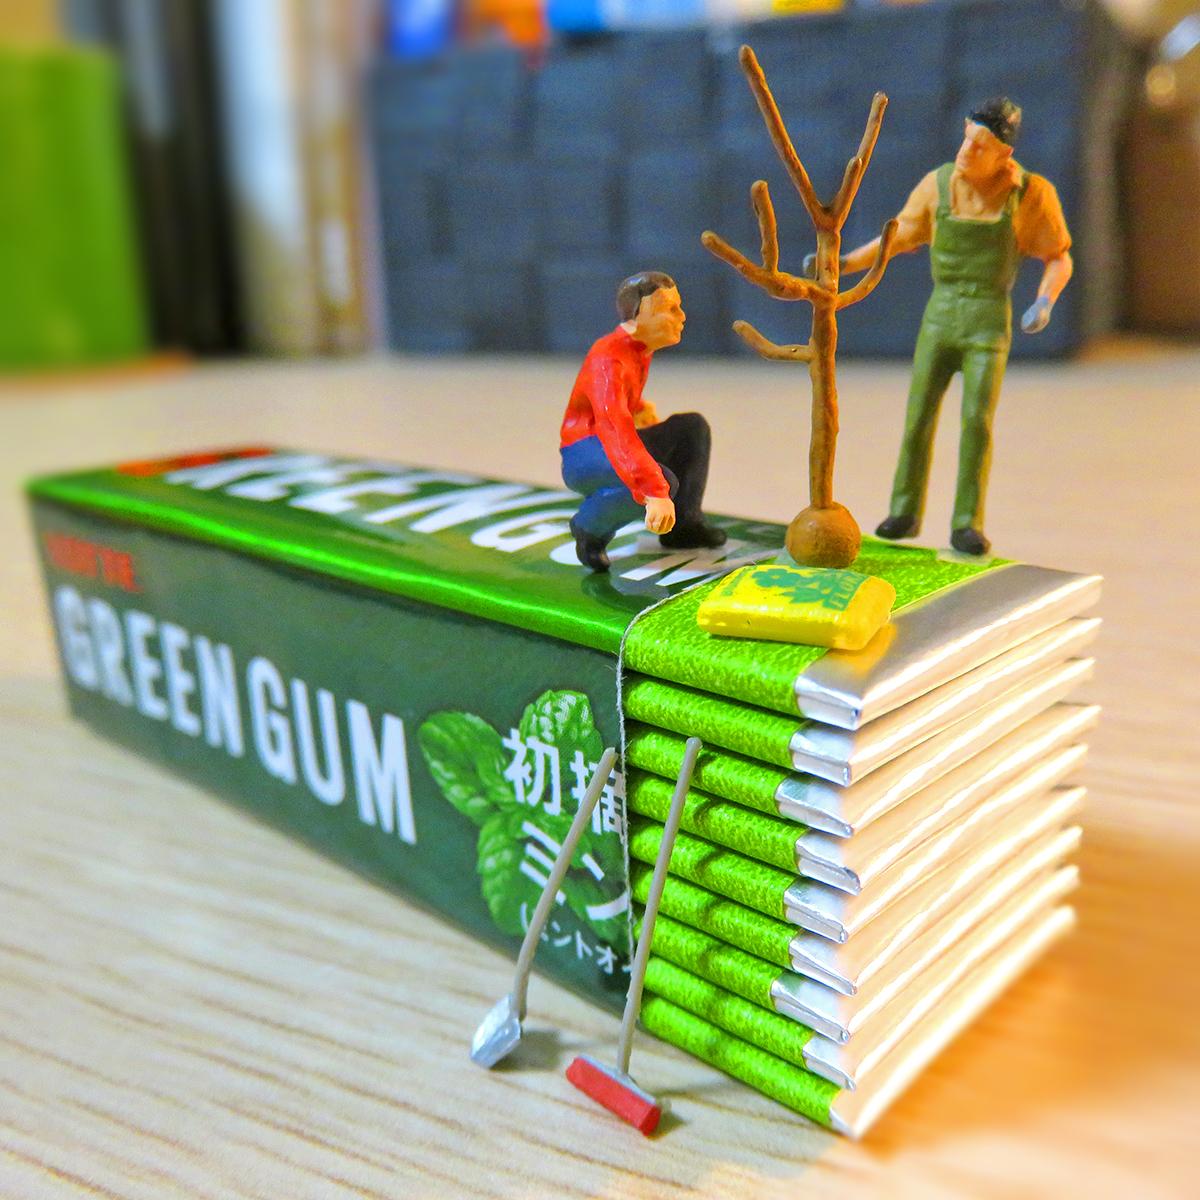 グリーンガムにミントの苗木を植えるロッテの林業作業員